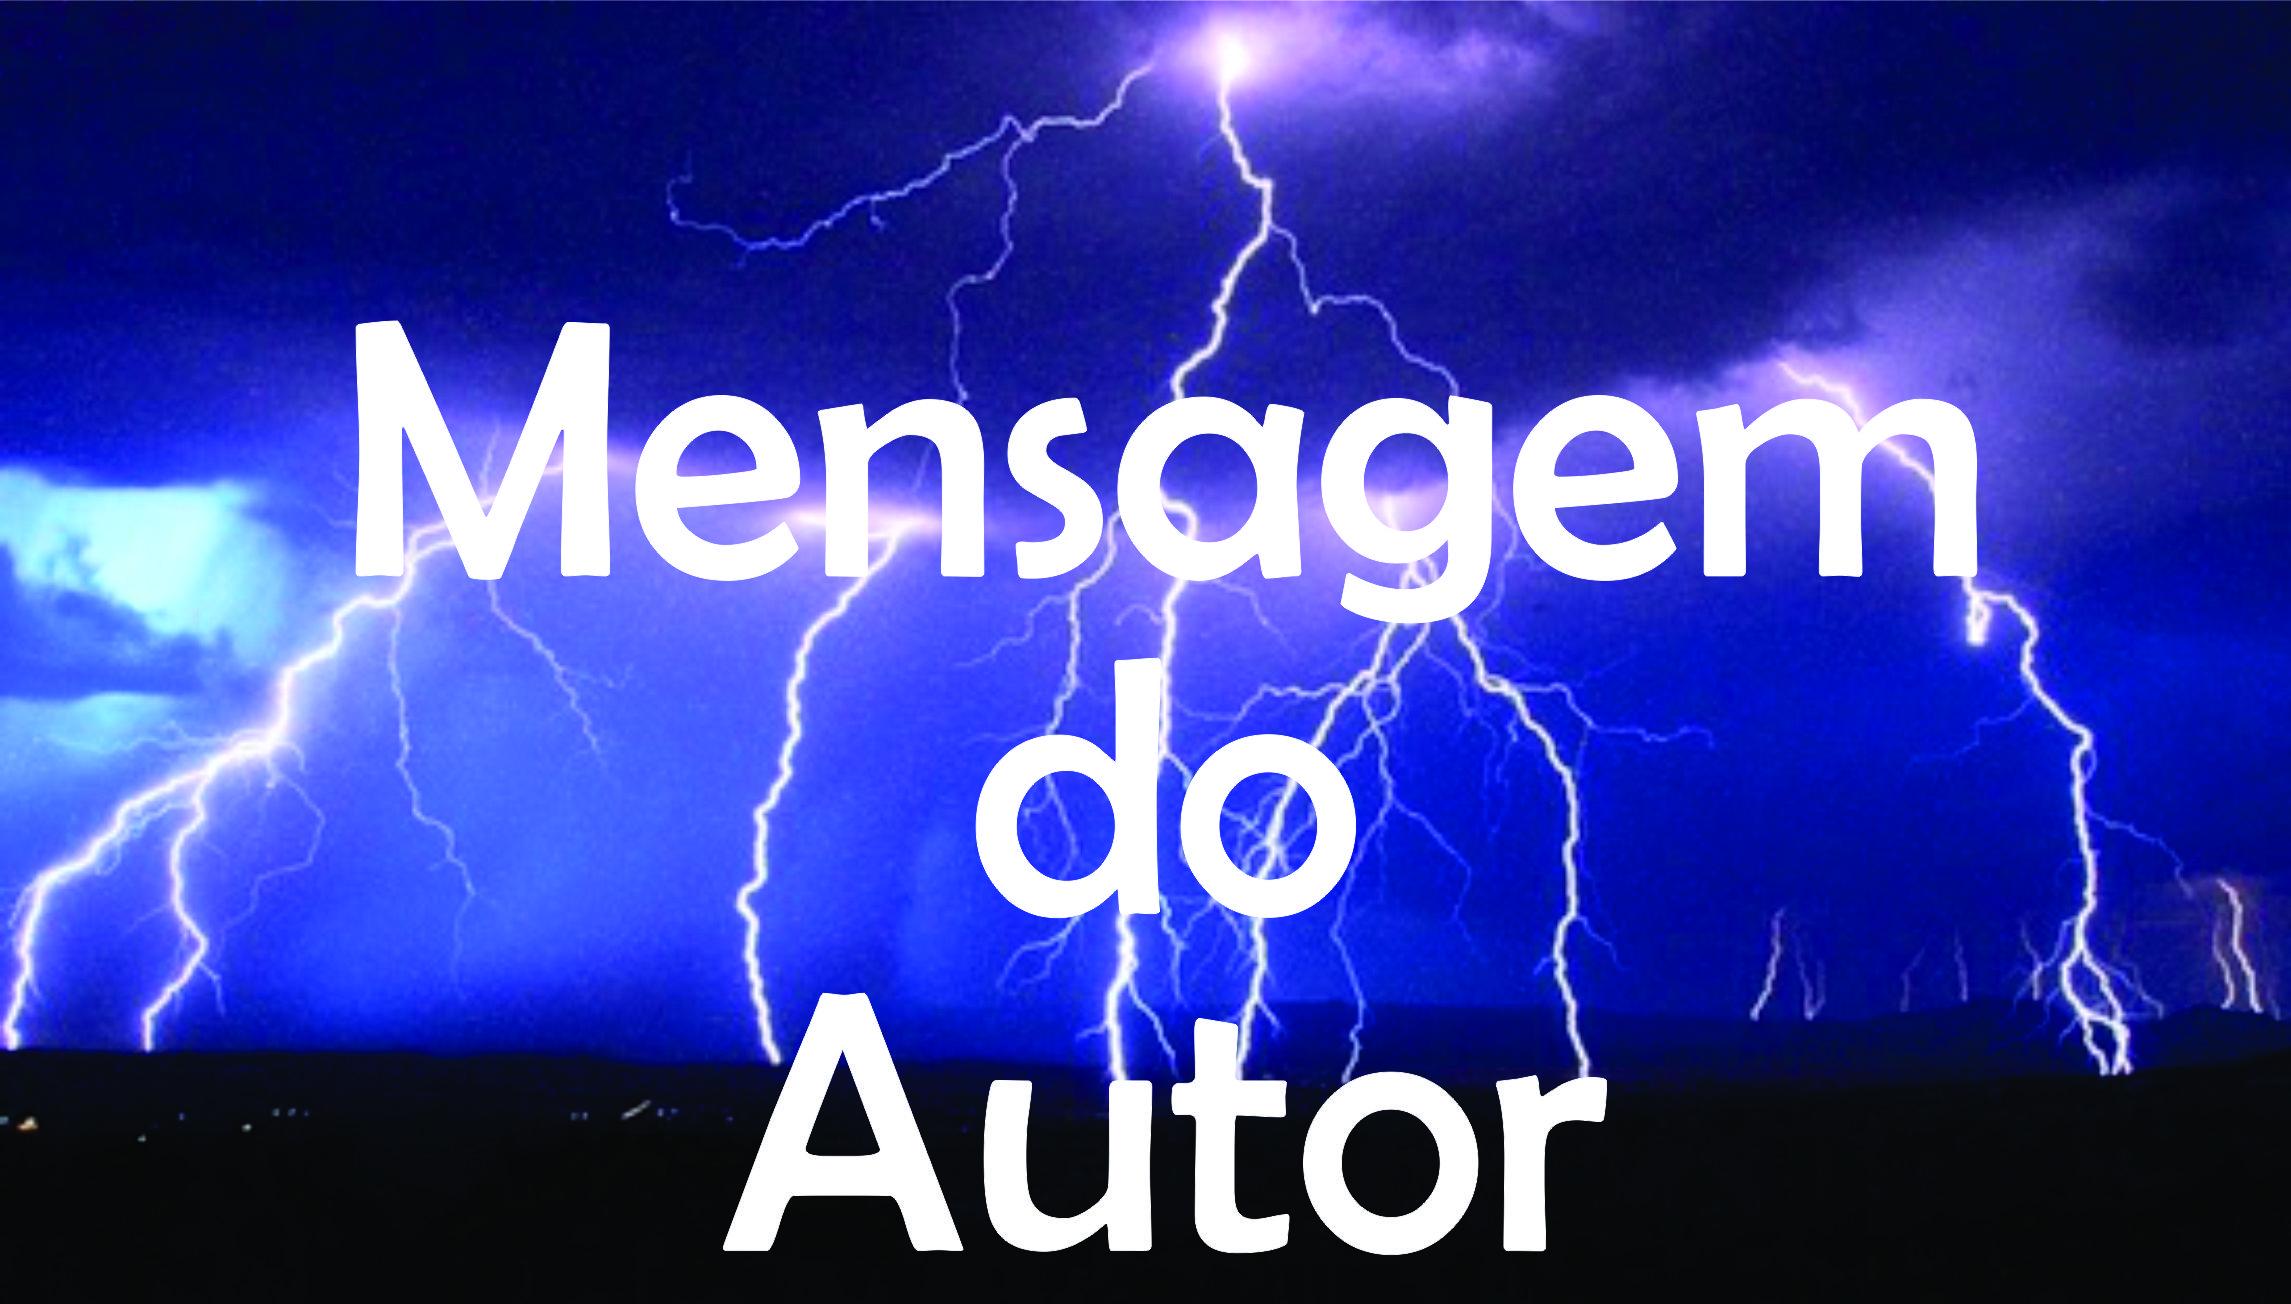 Mensagem do Autor